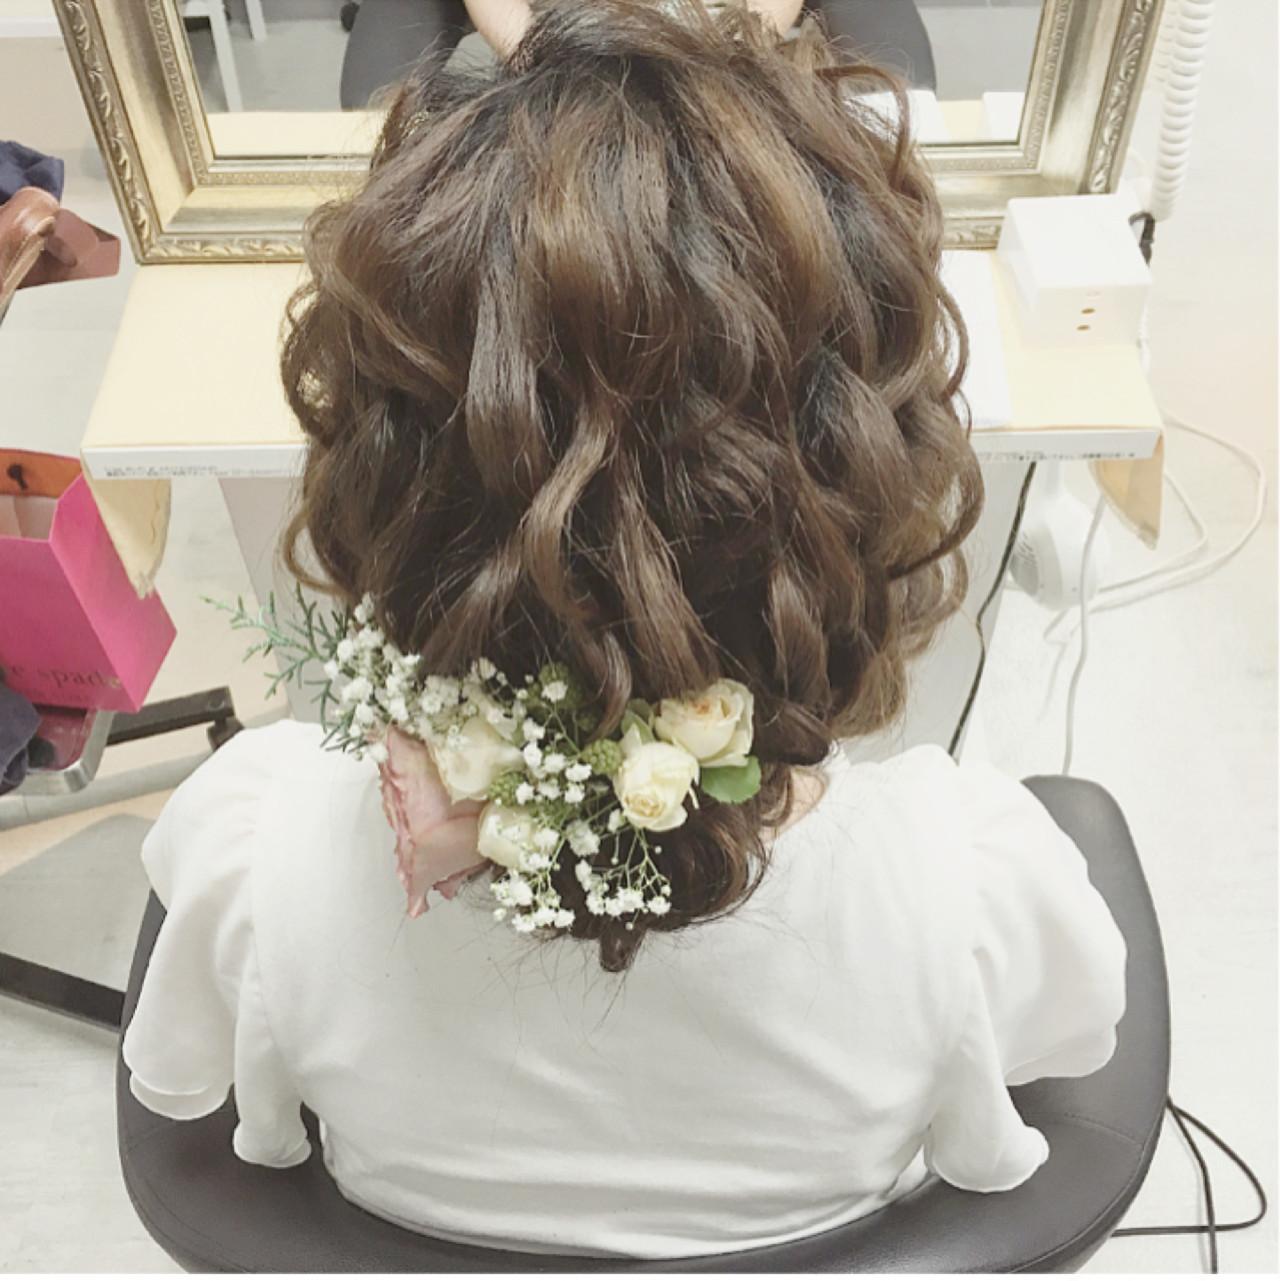 結婚式 ヘアアレンジ ミディアム ナチュラル ヘアスタイルや髪型の写真・画像